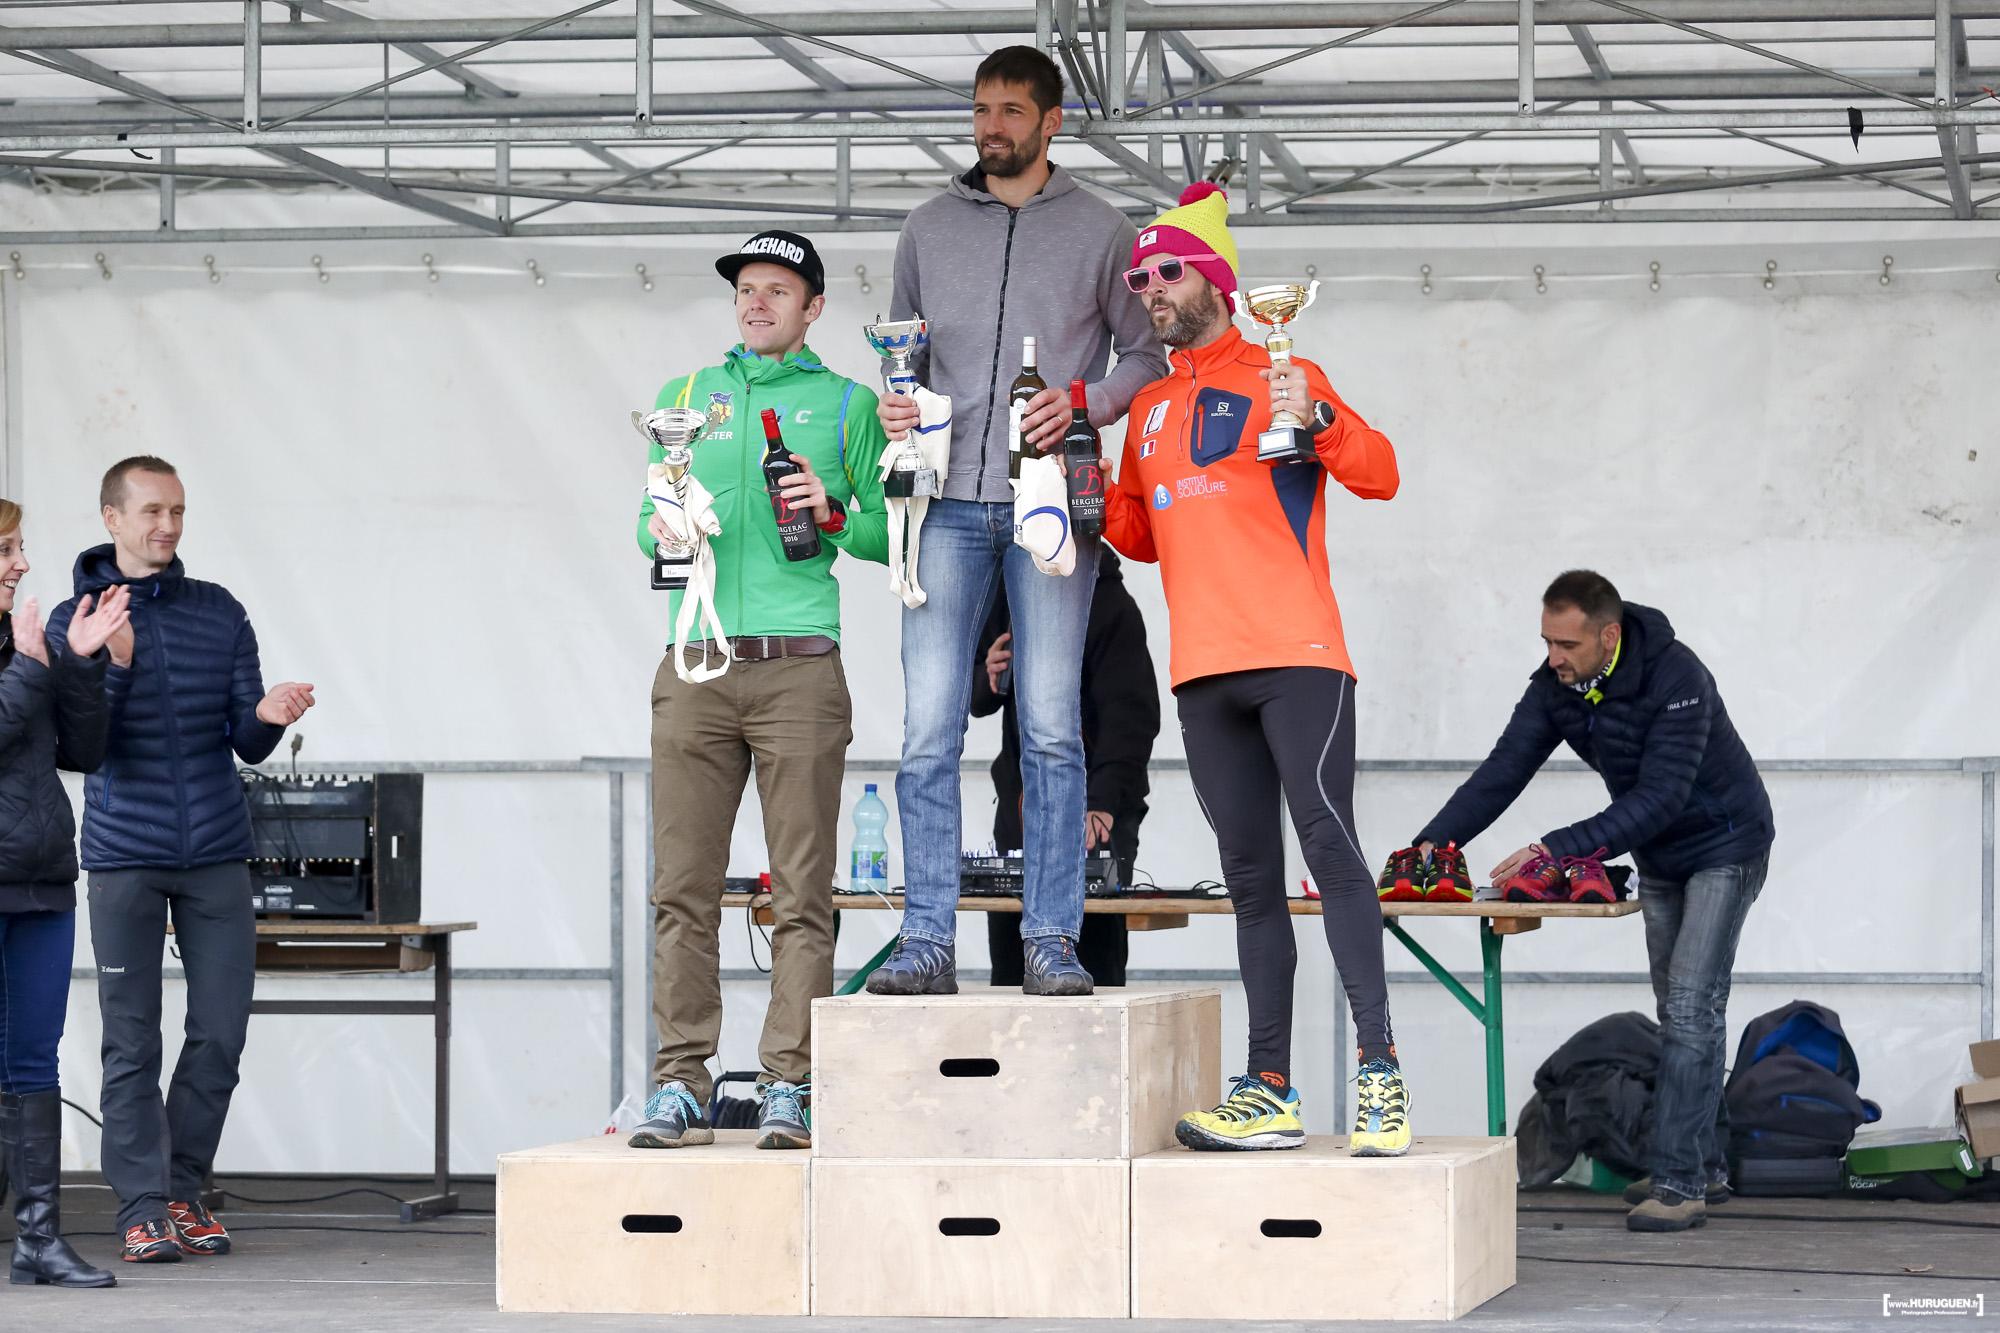 podium-trail-en-jalle-17km-telethon-2017-saint-jean-d-illac-course-a-pieds-gironde-femmes